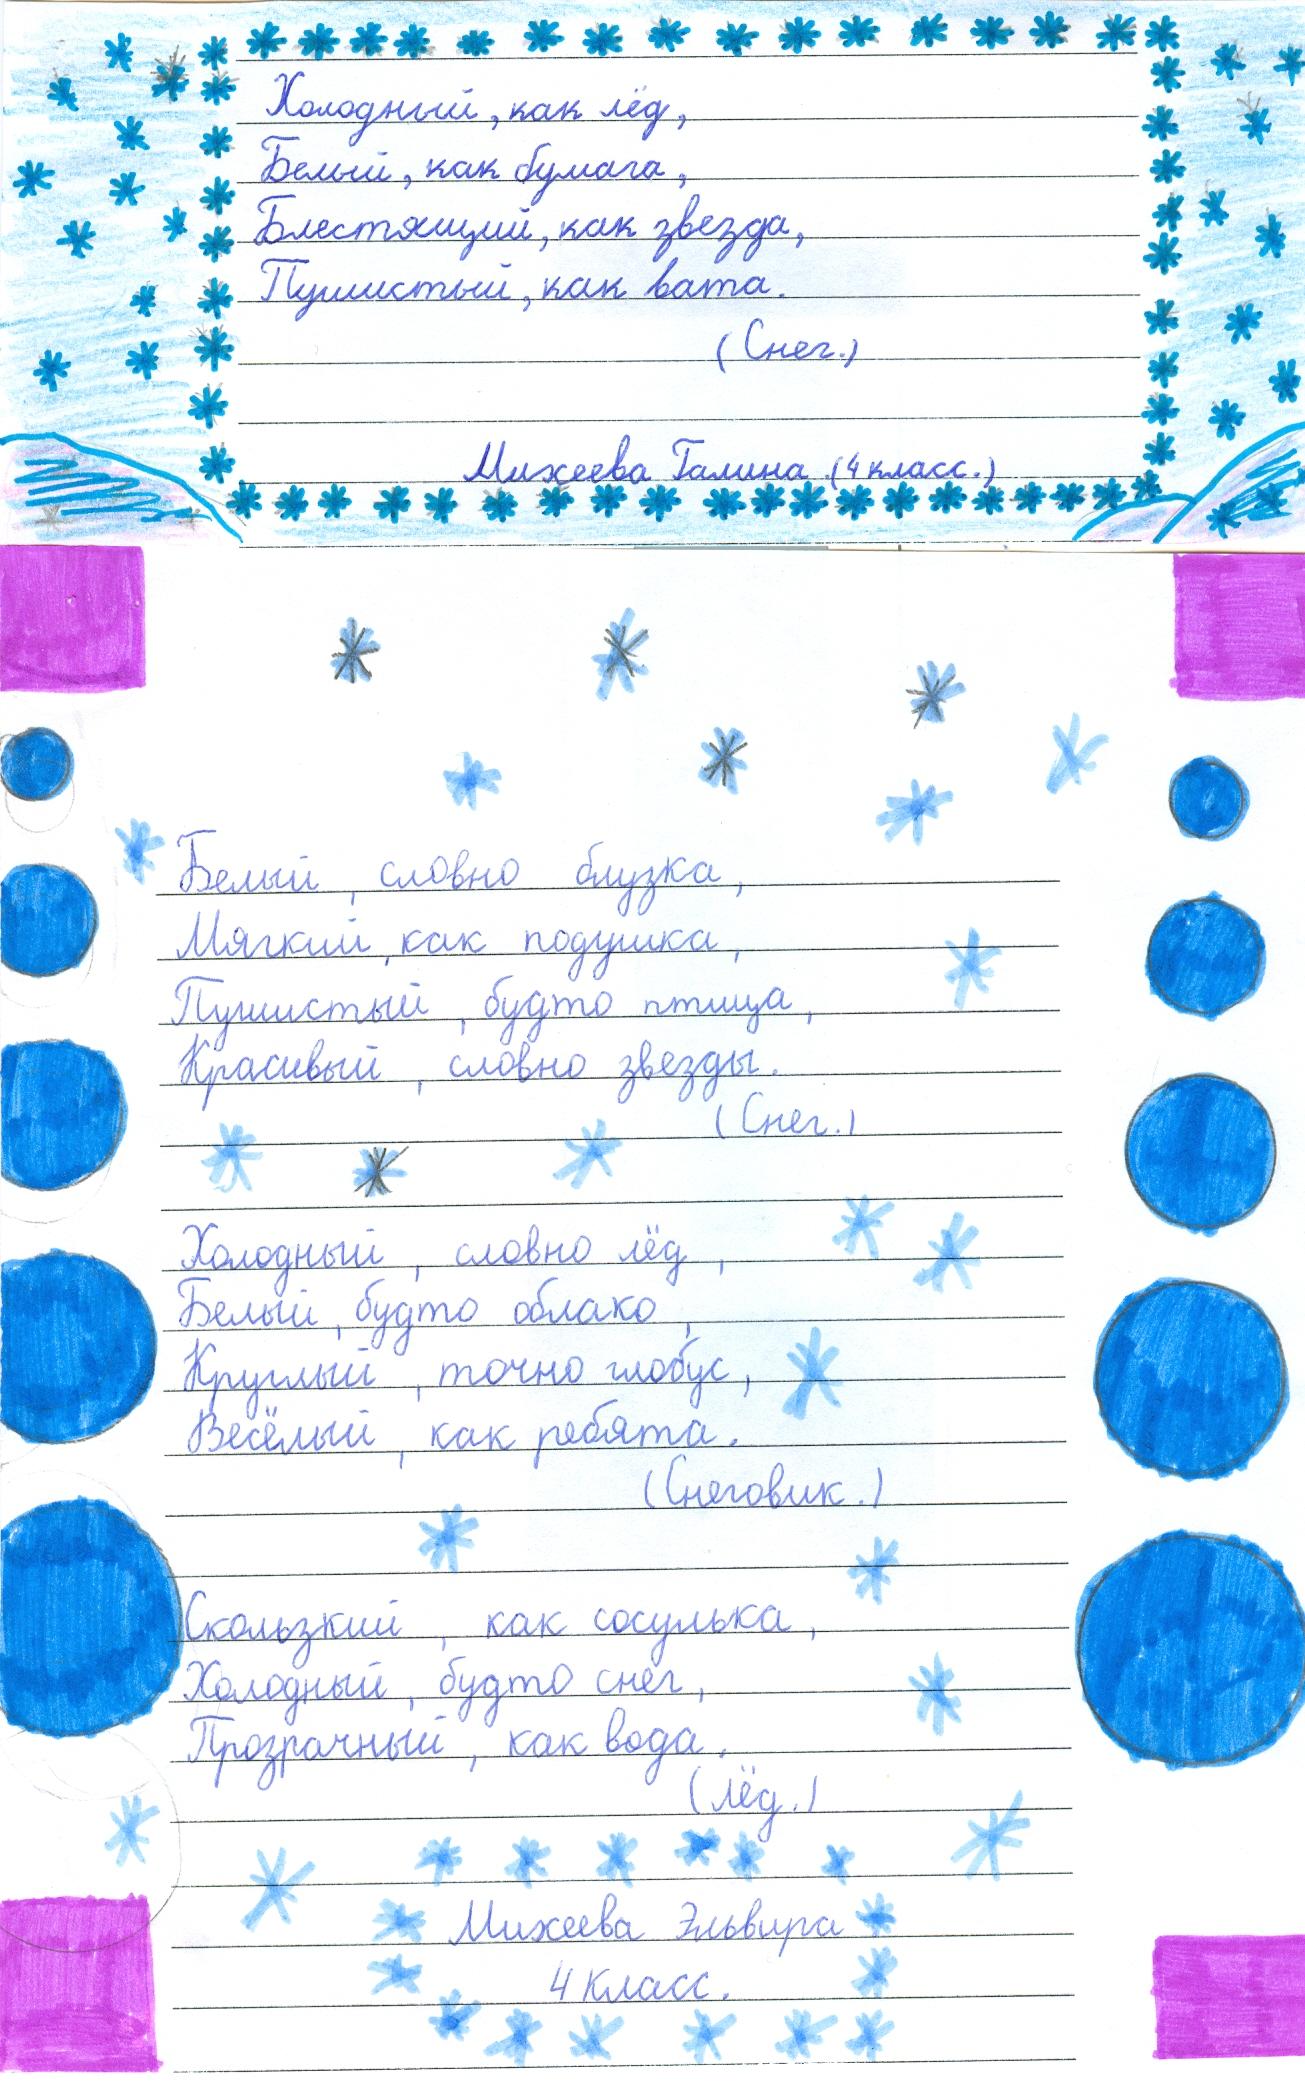 C:\Users\Елена Григорьевна\Pictures\Мои сканированные изображения\сканирование0010.jpg